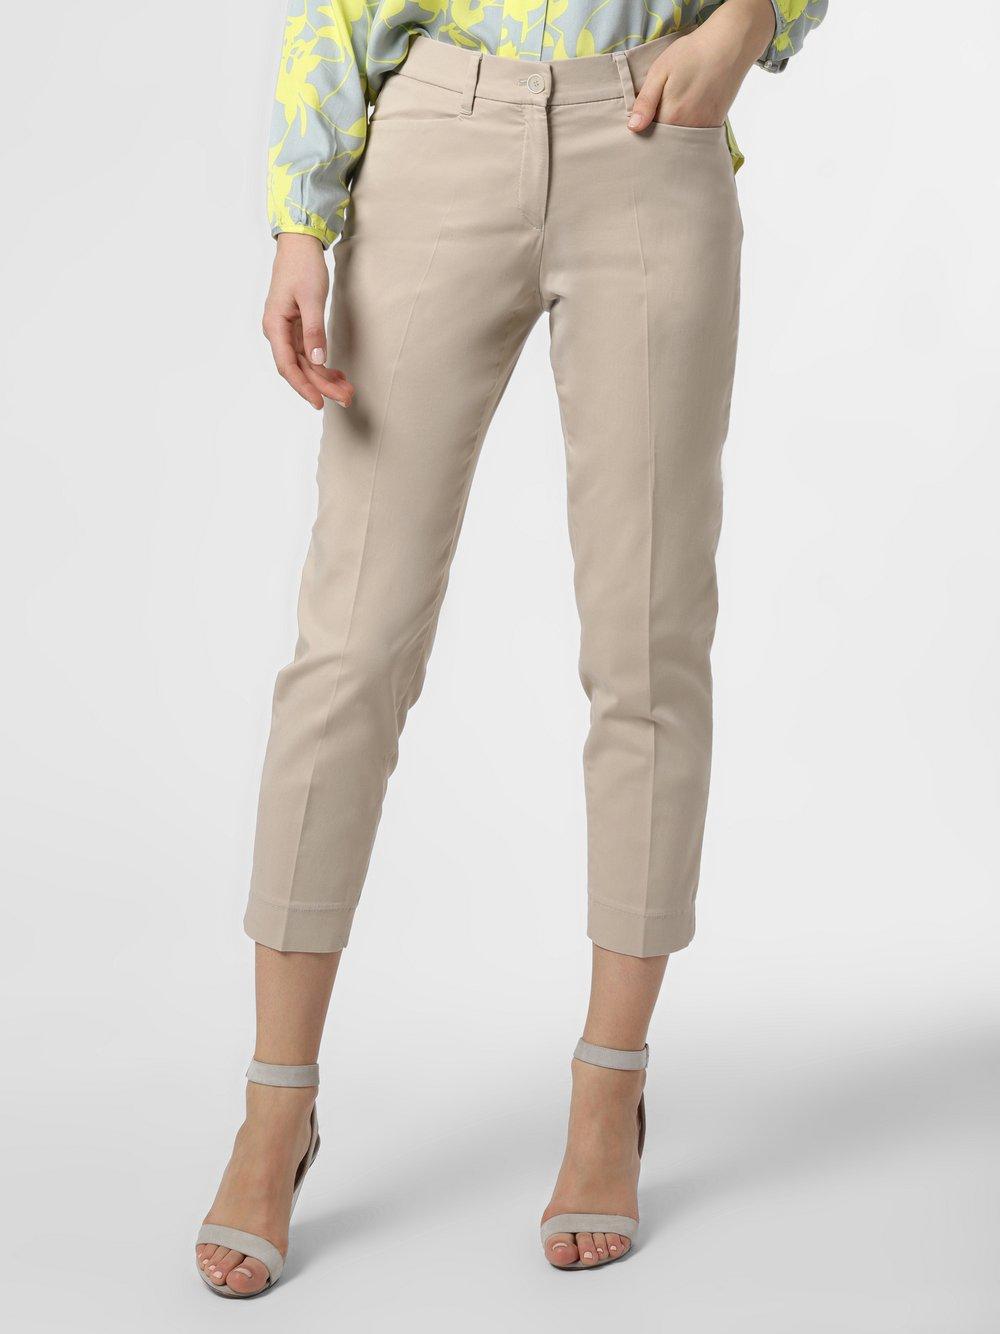 BRAX - Spodnie damskie – Mara S, beżowy